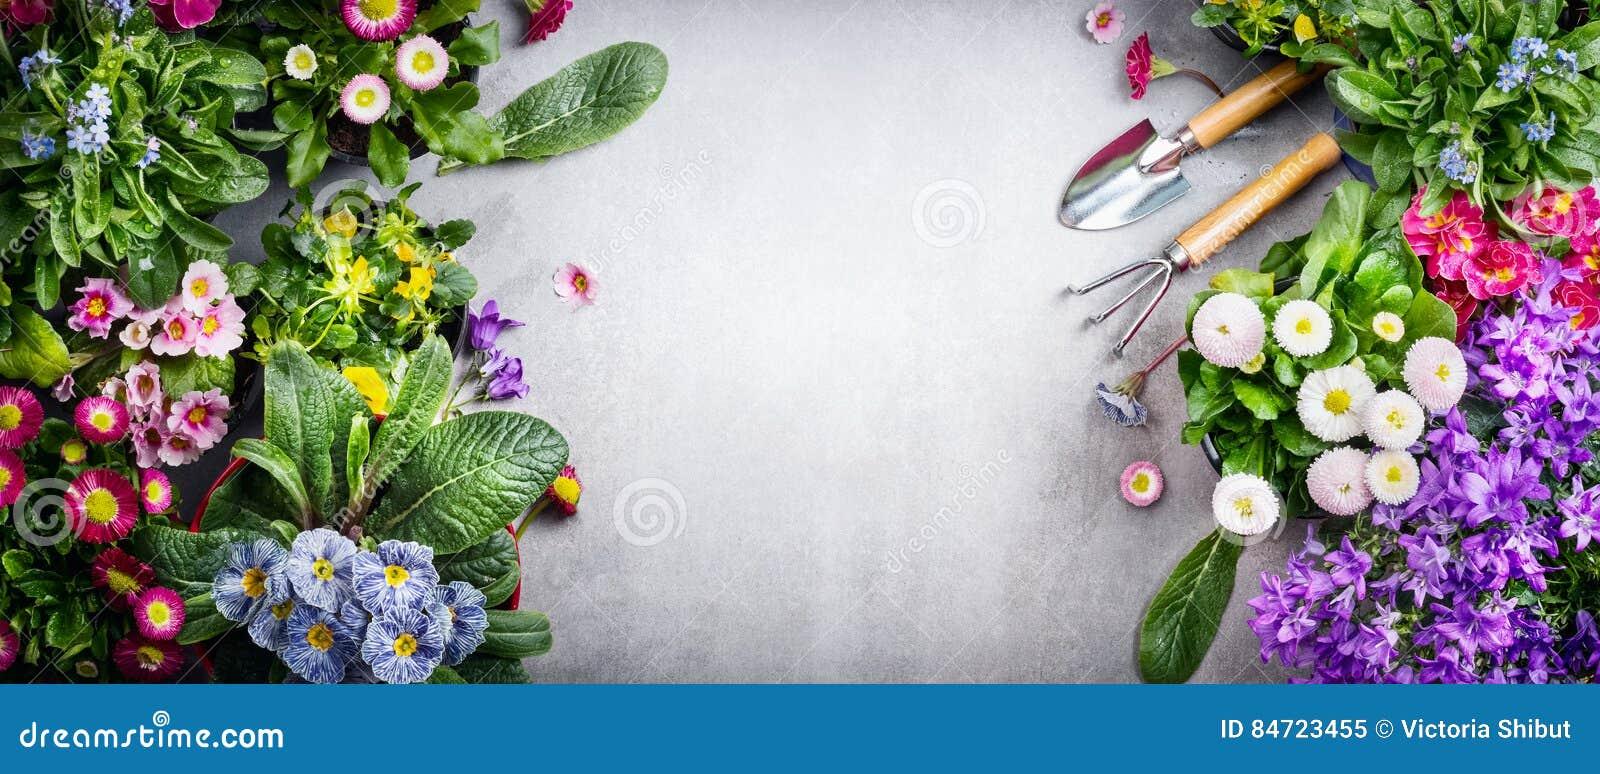 Fond De Jardinage Floral Avec La Variété De Fleurs De Jardin Et D ...